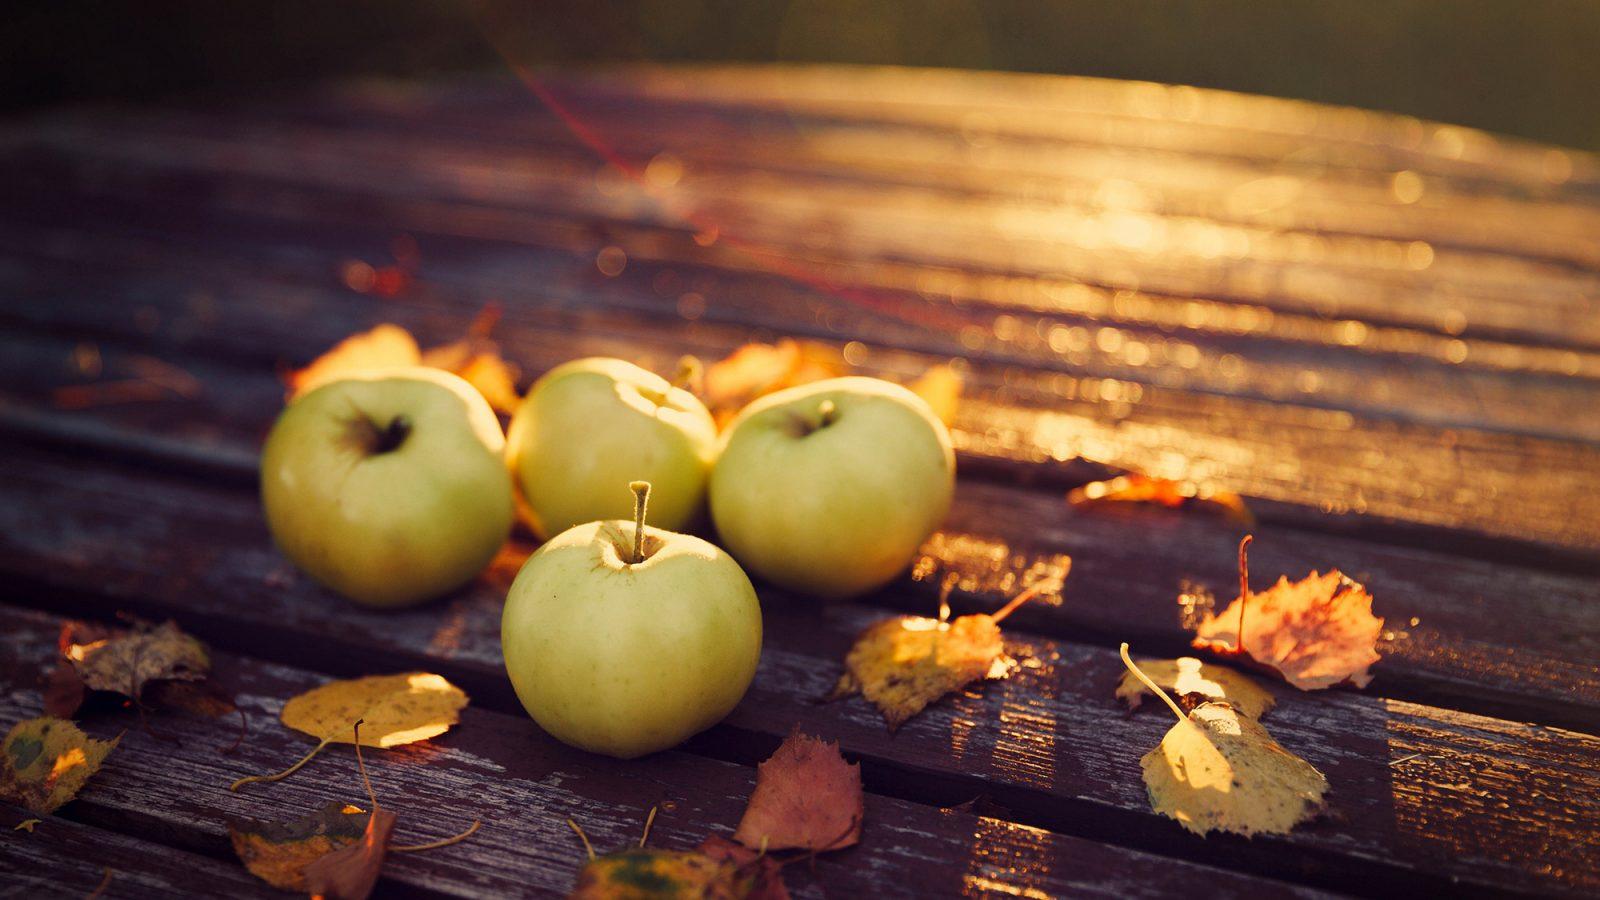 красивые осенние картинки с яблоками костюм был